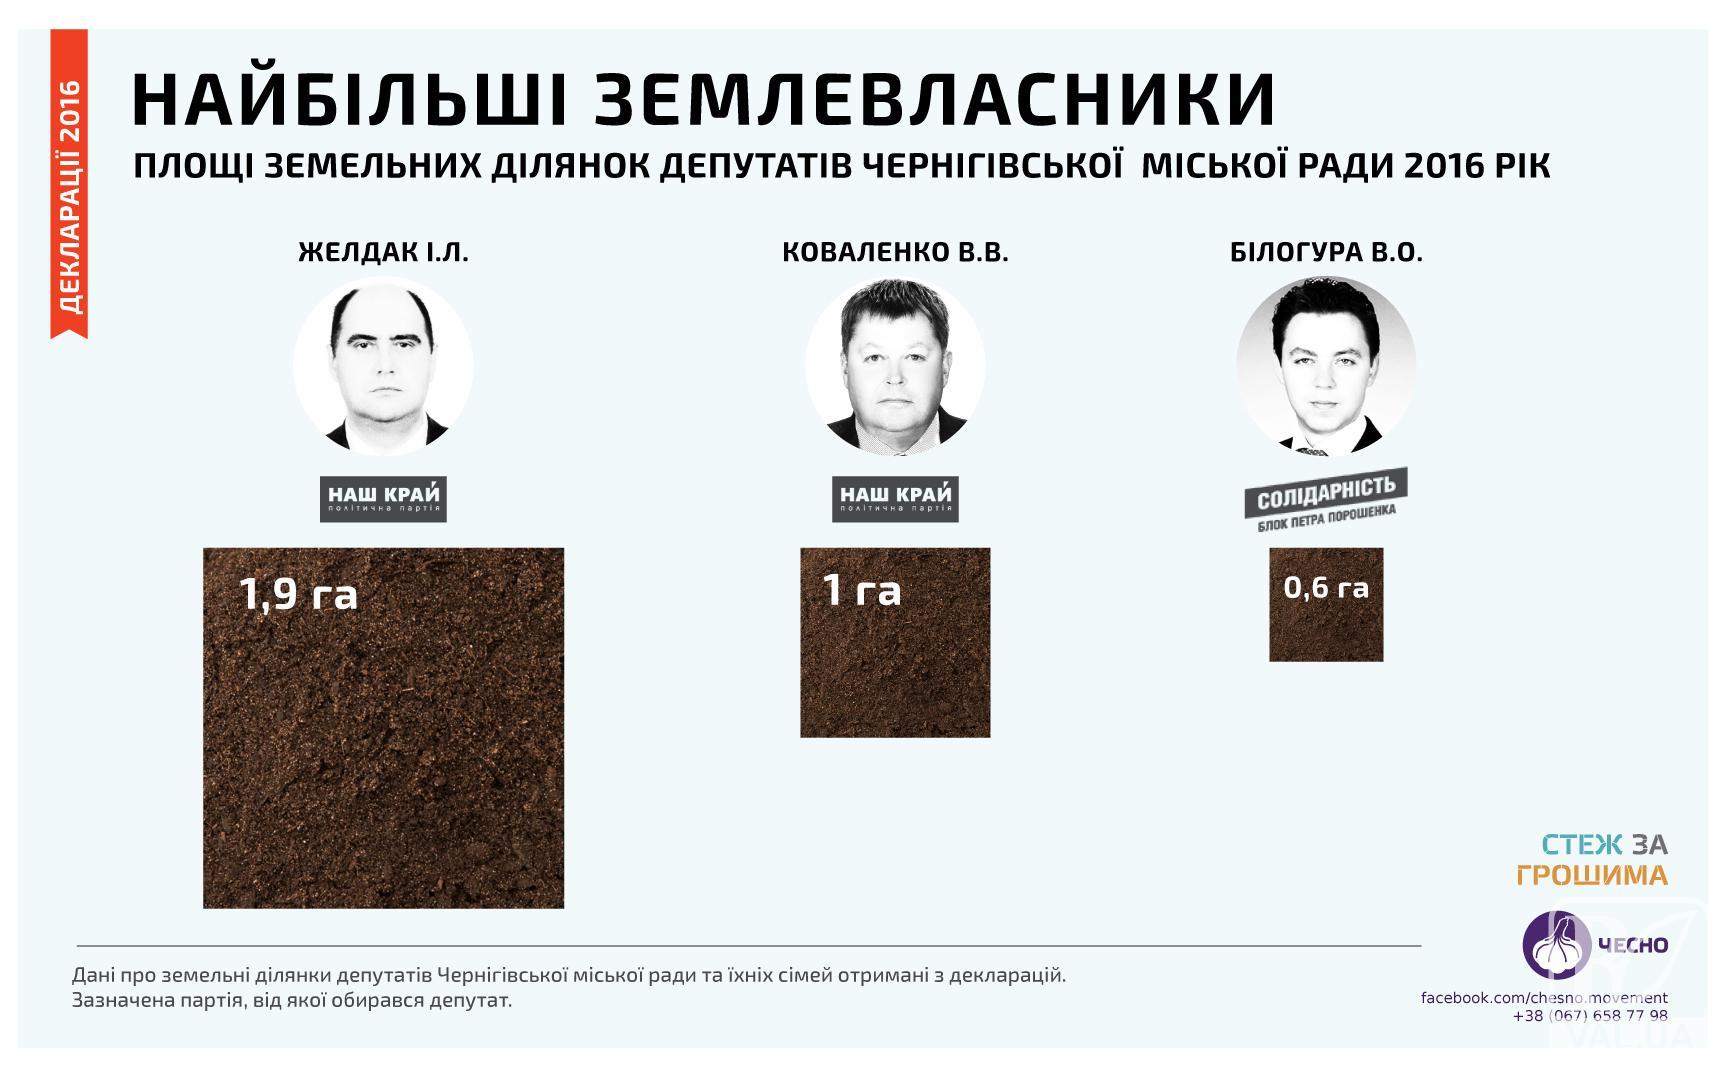 Землевласники та автолюбителі Чернігівської міськради: навіщо секретар взяв в борг майже 8 мільйонів грн?